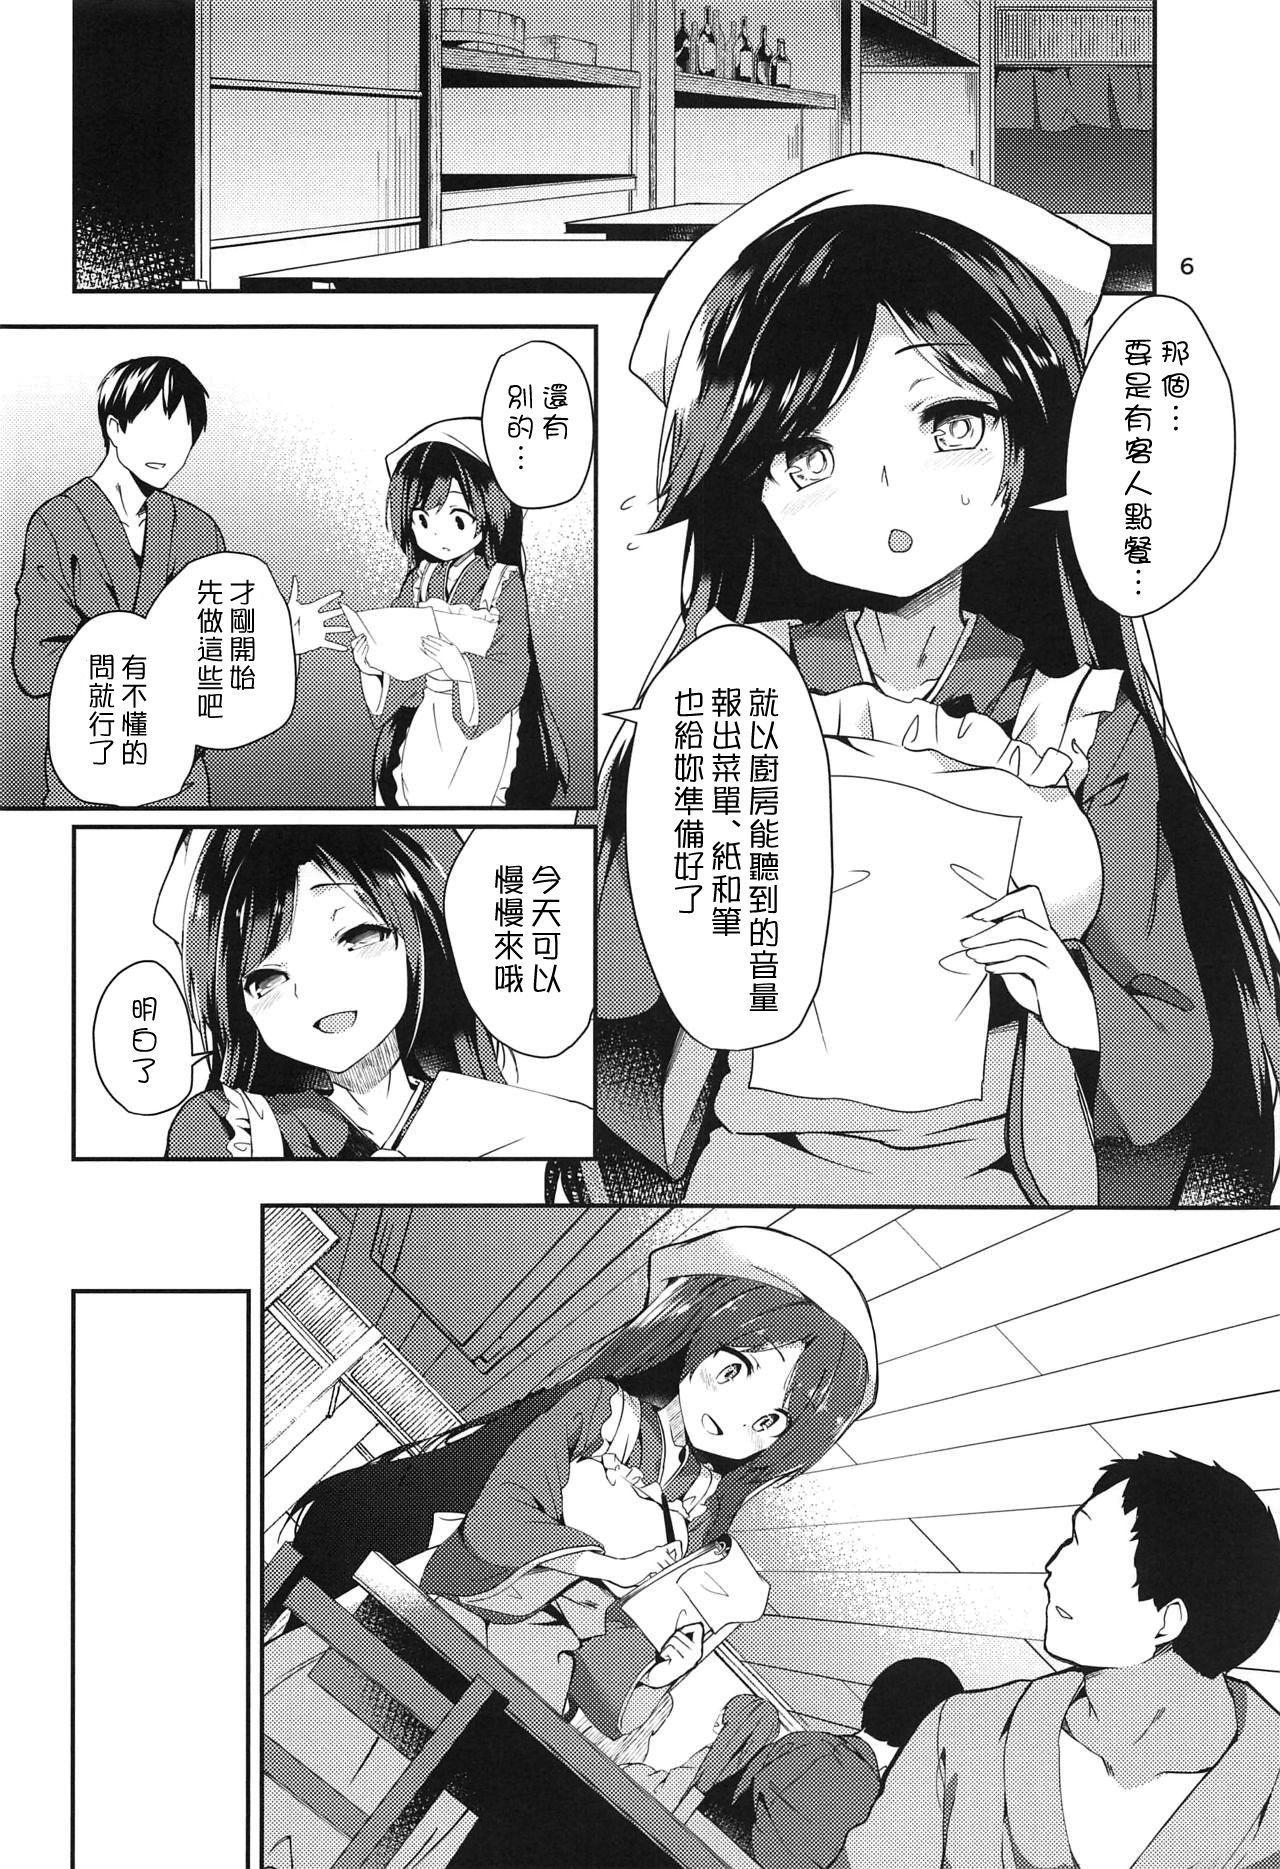 Kagerou-san no Ningen Taikenki 5